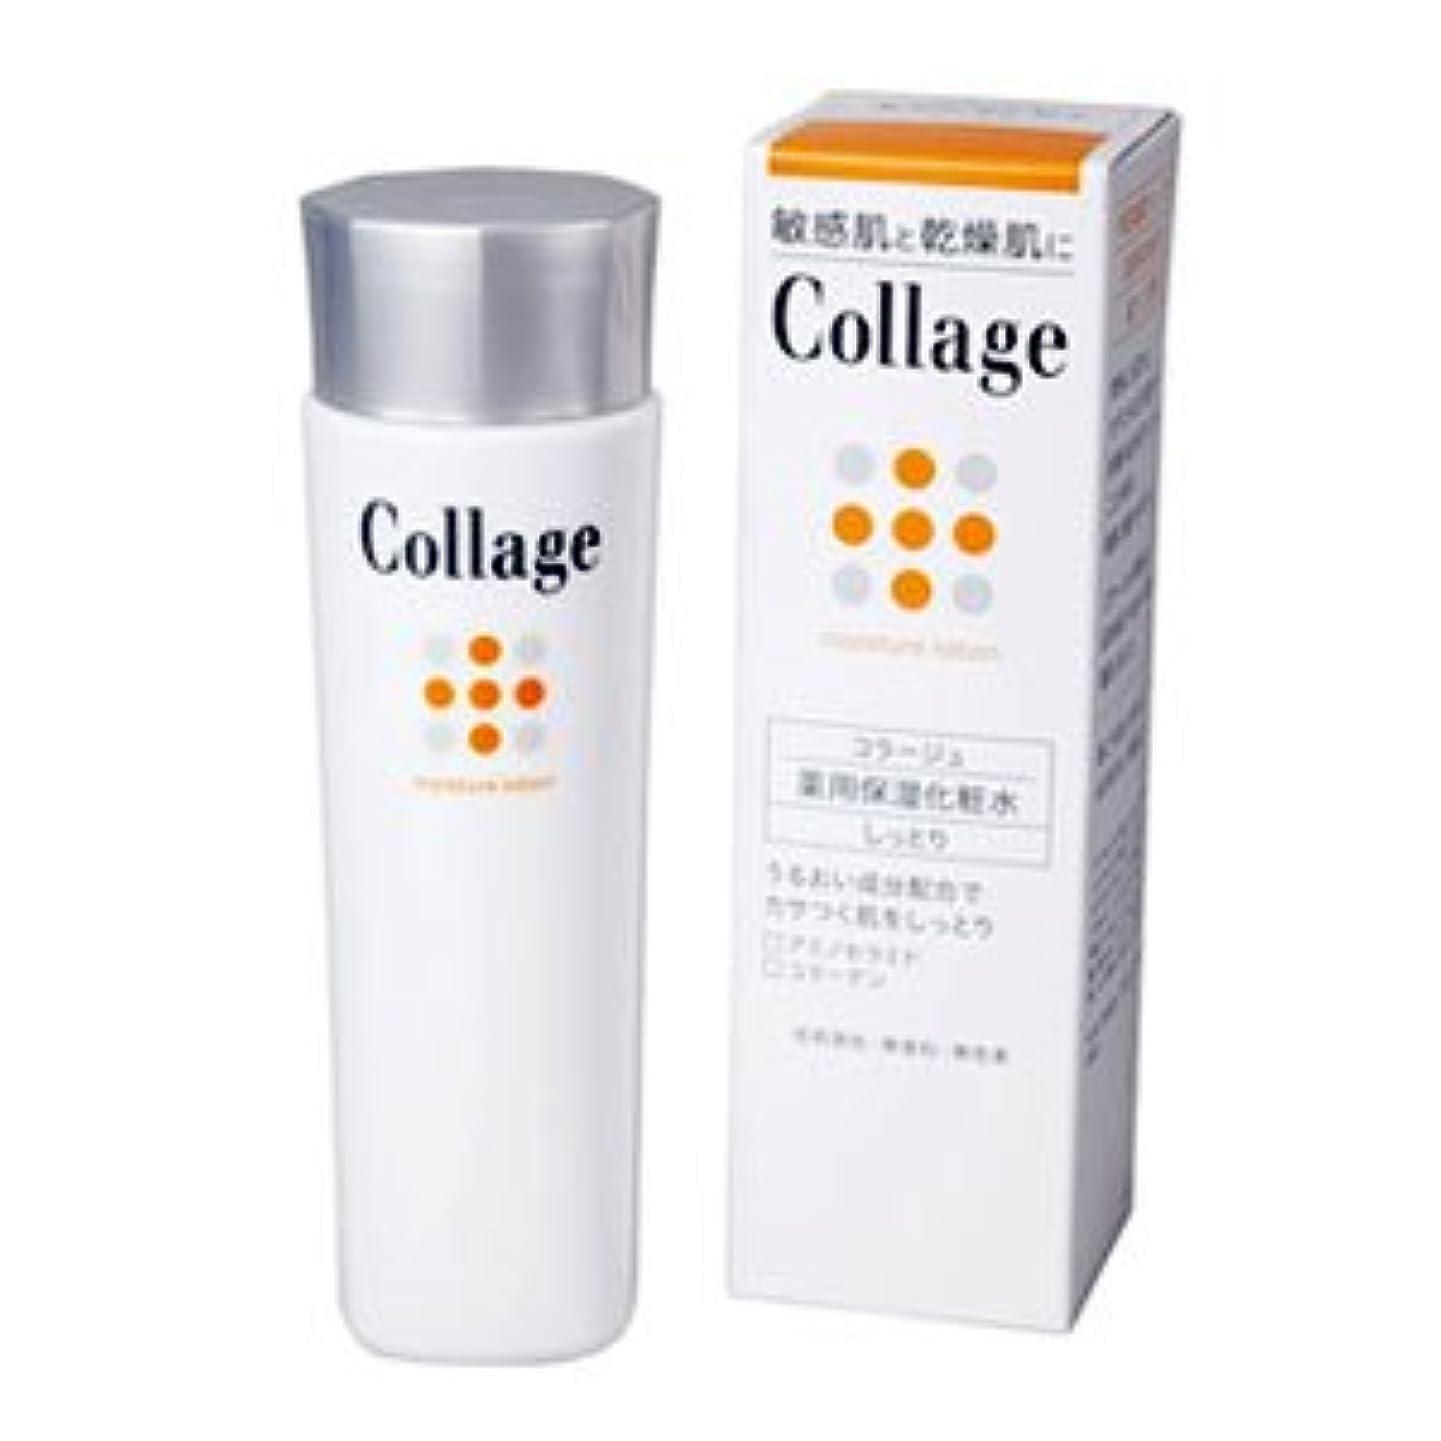 尊敬する冷えるパウダーコラージュ 薬用保湿化粧水 しっとり 120ml×2 【持田ヘルスケア】 3740